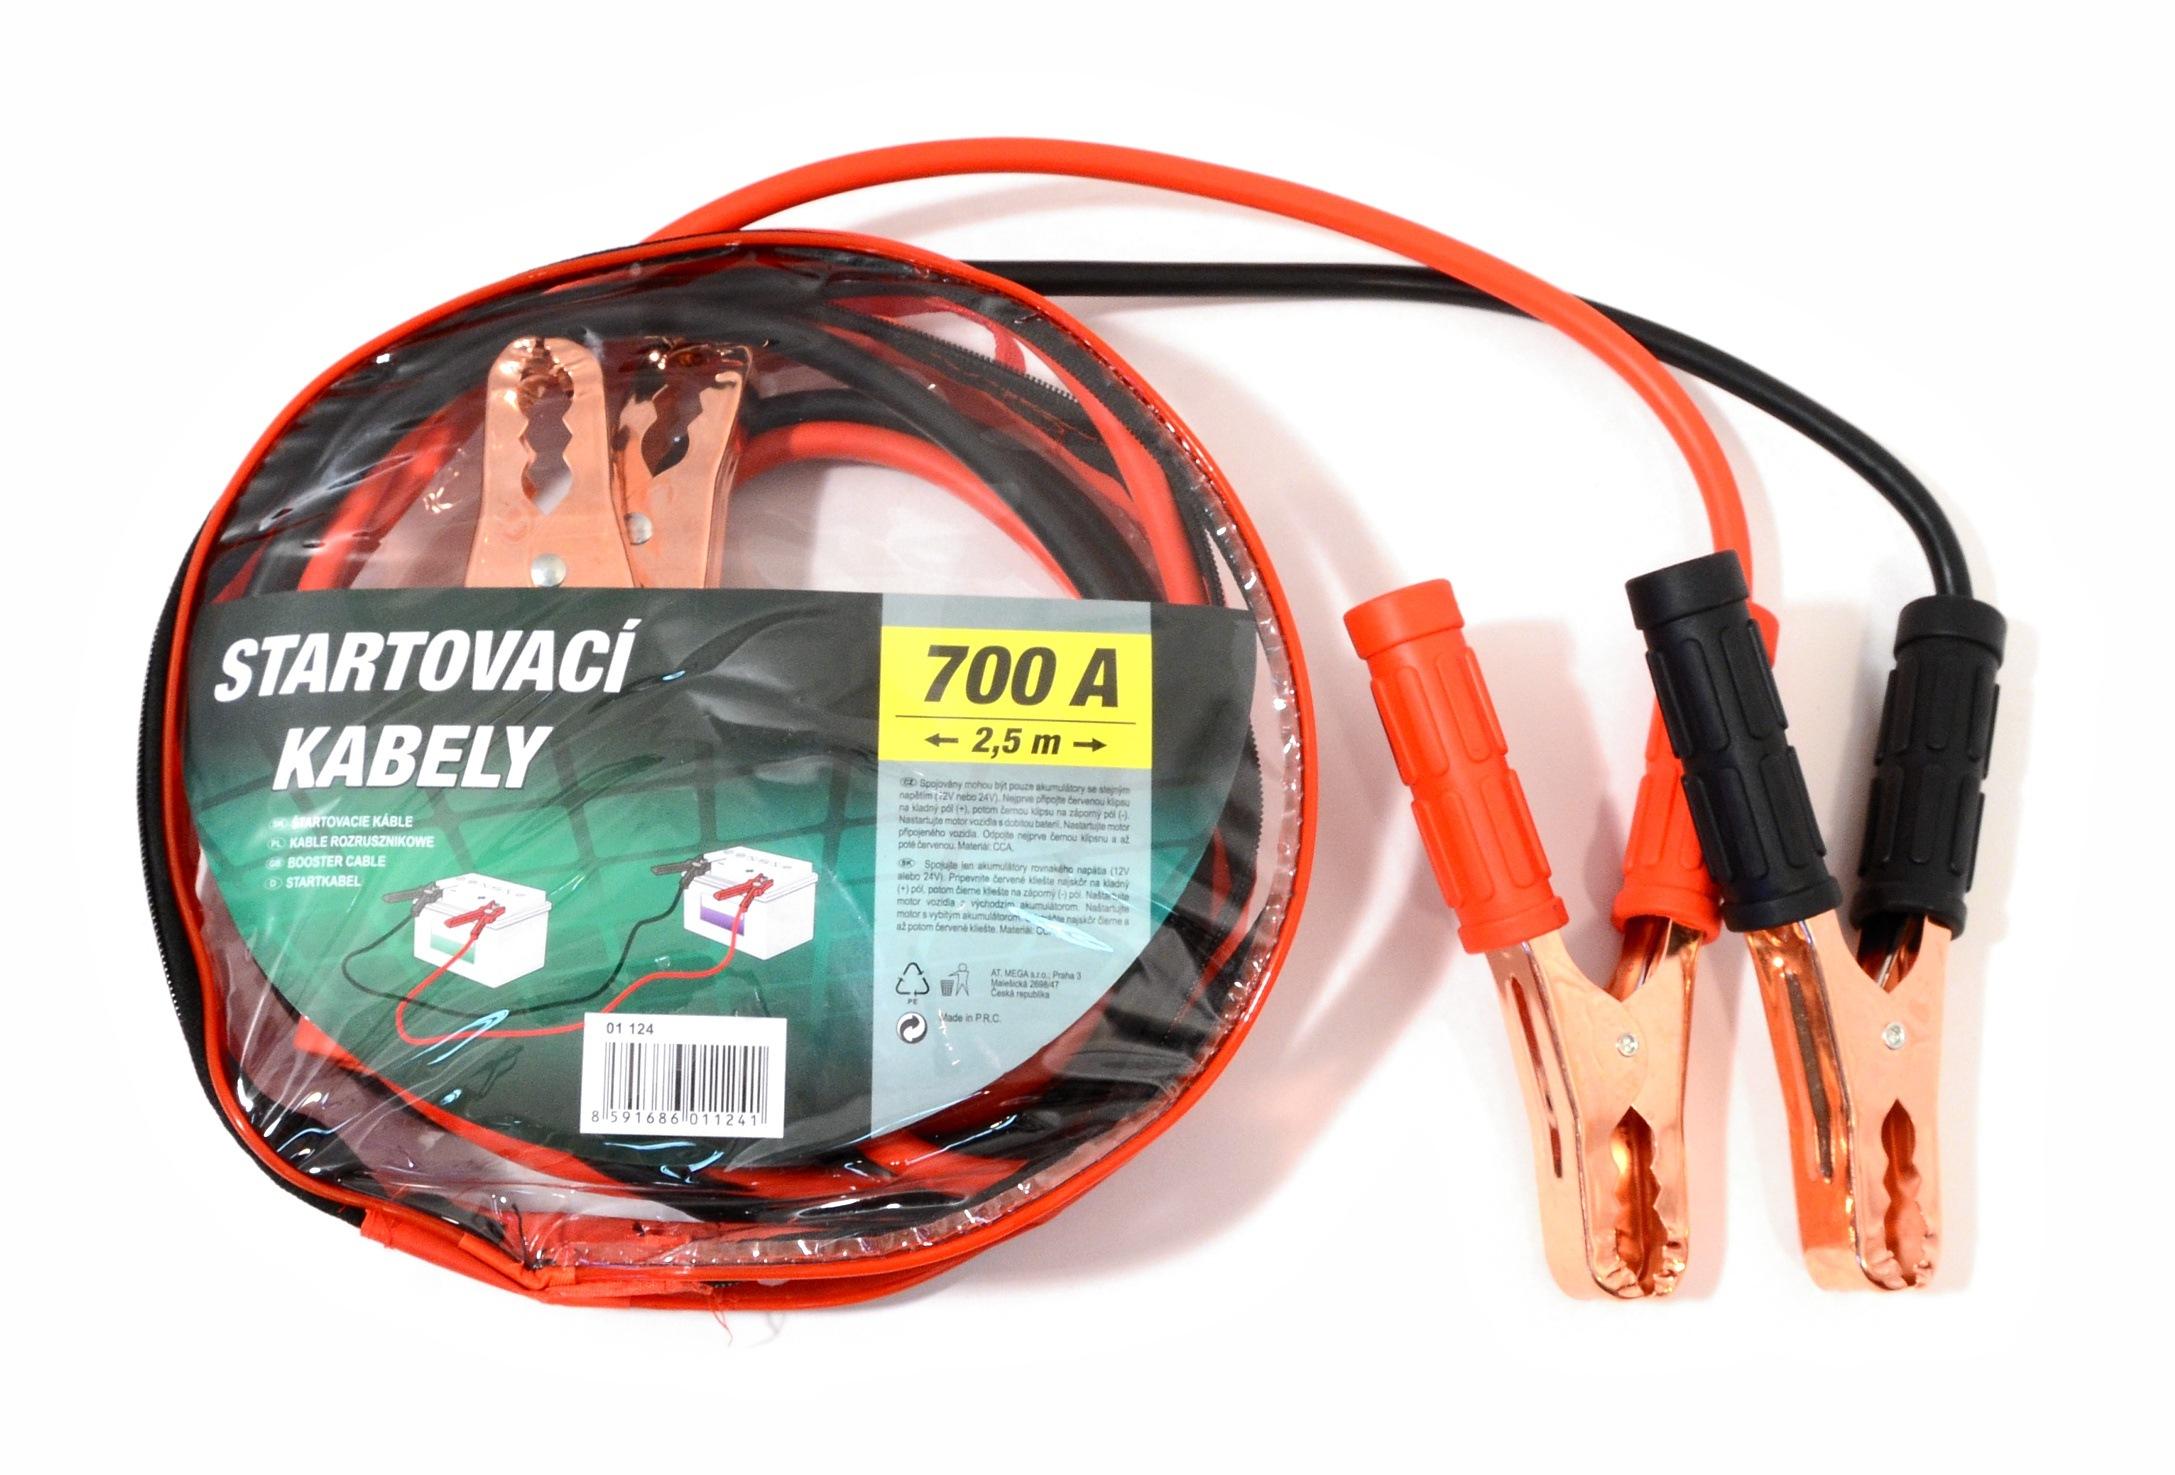 Compass 01124 Startovací kabely 700A  2,5m zipper bag